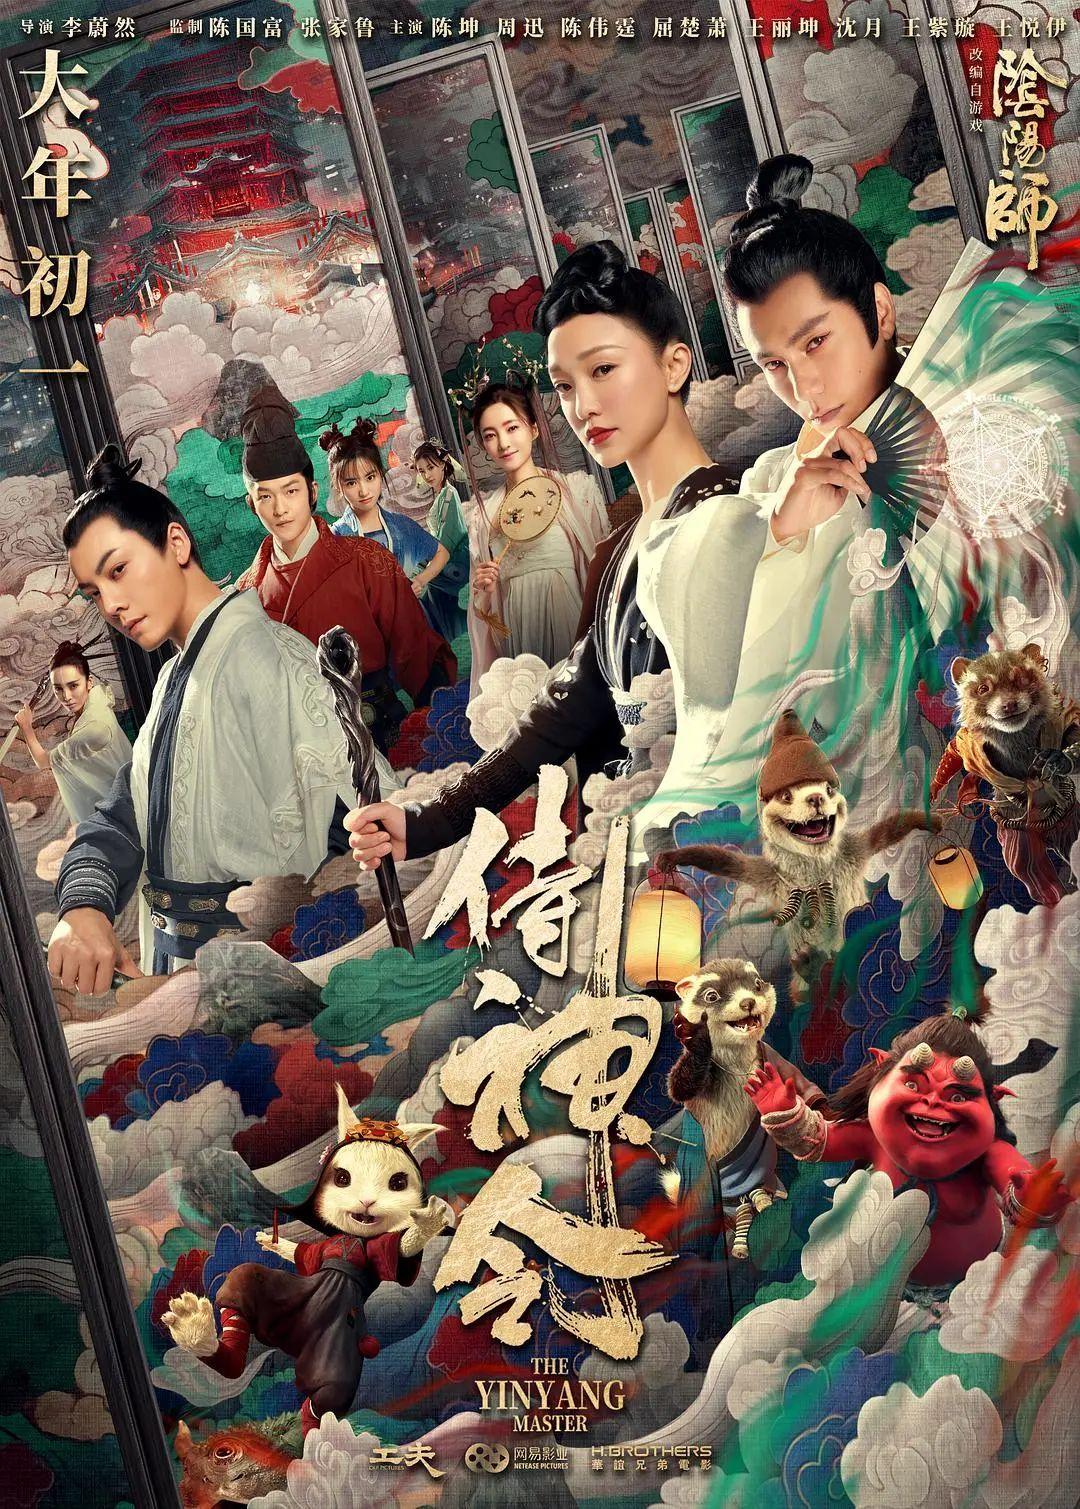 电影《侍神令》来自日本版《阴阳师》的解读和翻译到底是有何同异 (3)